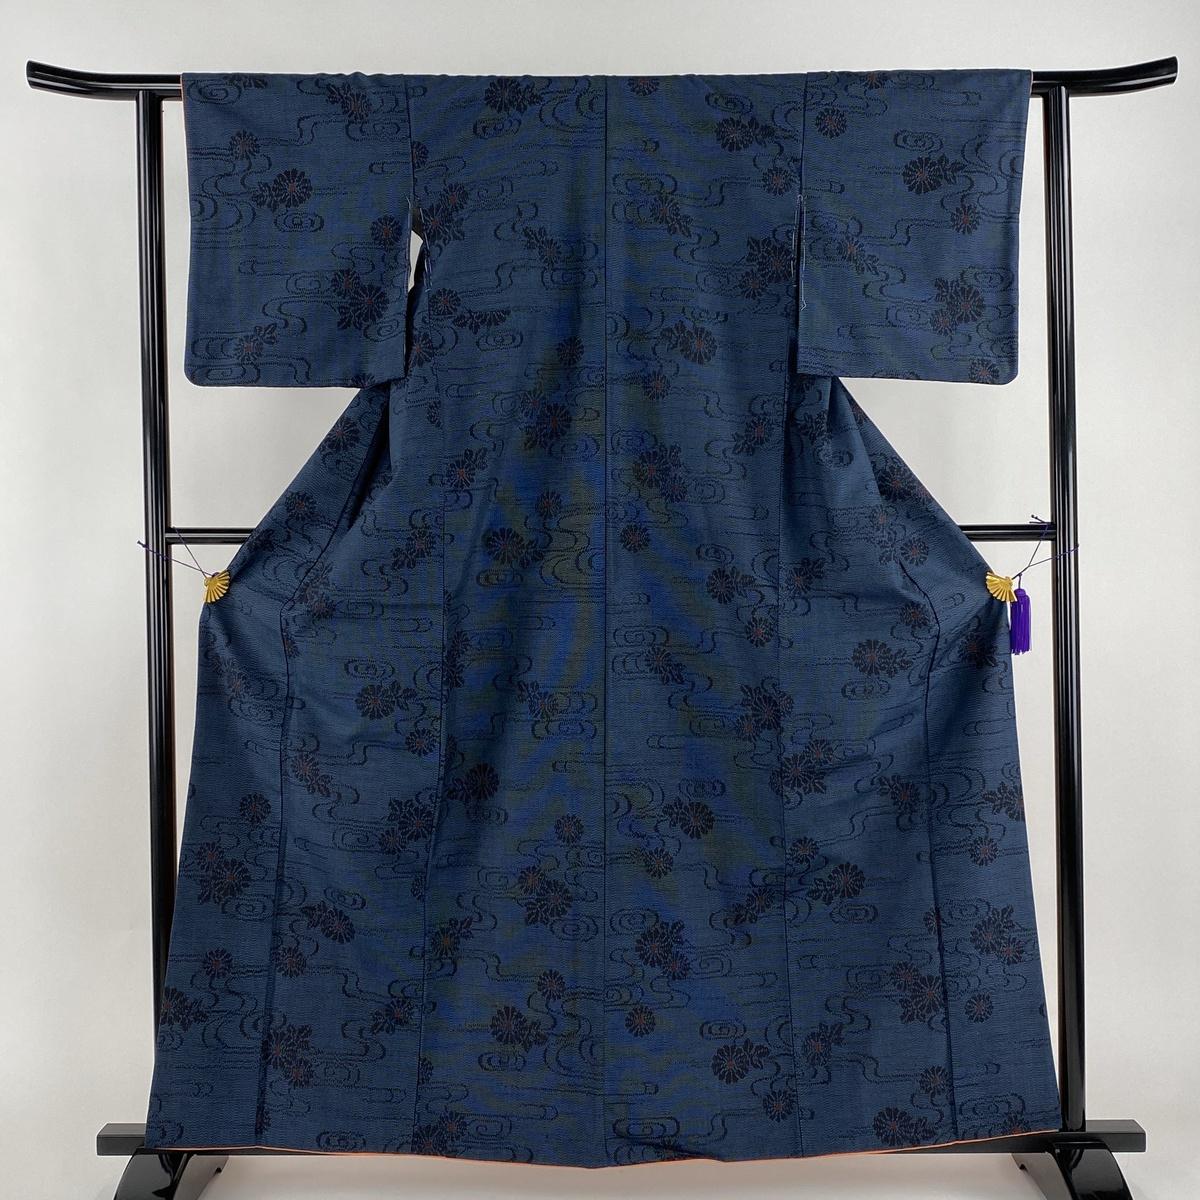 結城紬 美品 秀品 証紙あり 菊 観世水 藍色 袷 身丈161cm 裄丈61cm S 正絹 【中古】